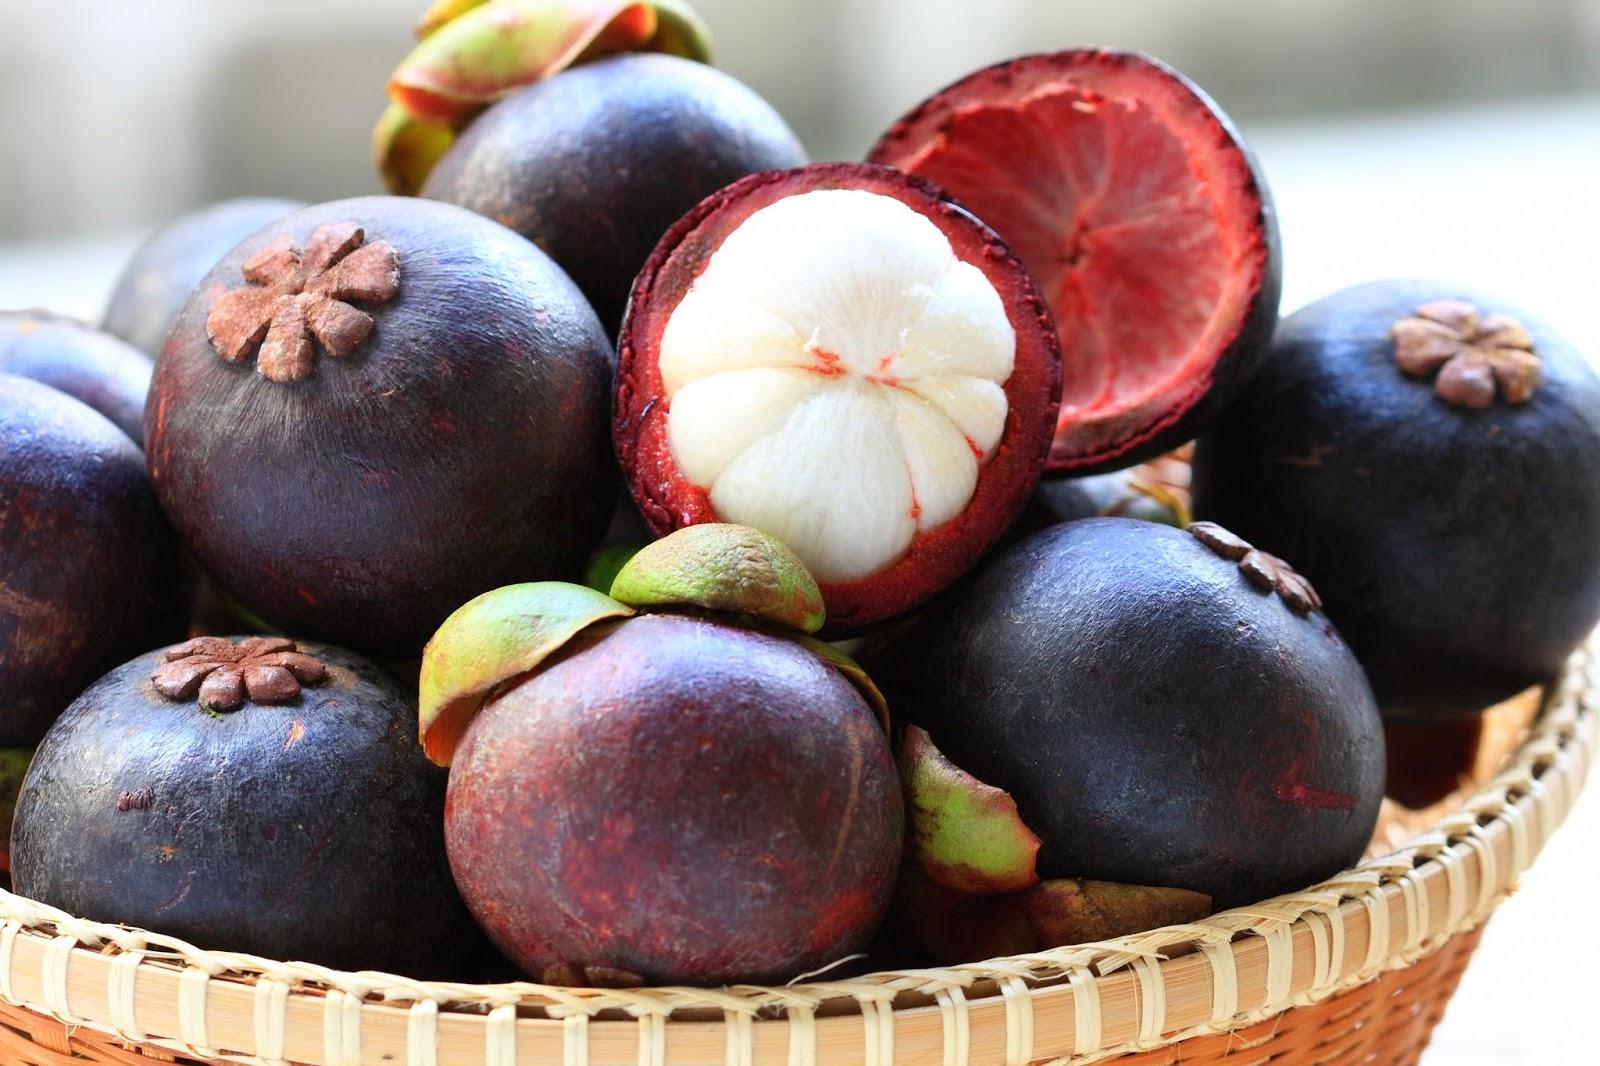 Sejuta Manfaat Minuman Kesehatan Bioxanthon Kulit Manggis